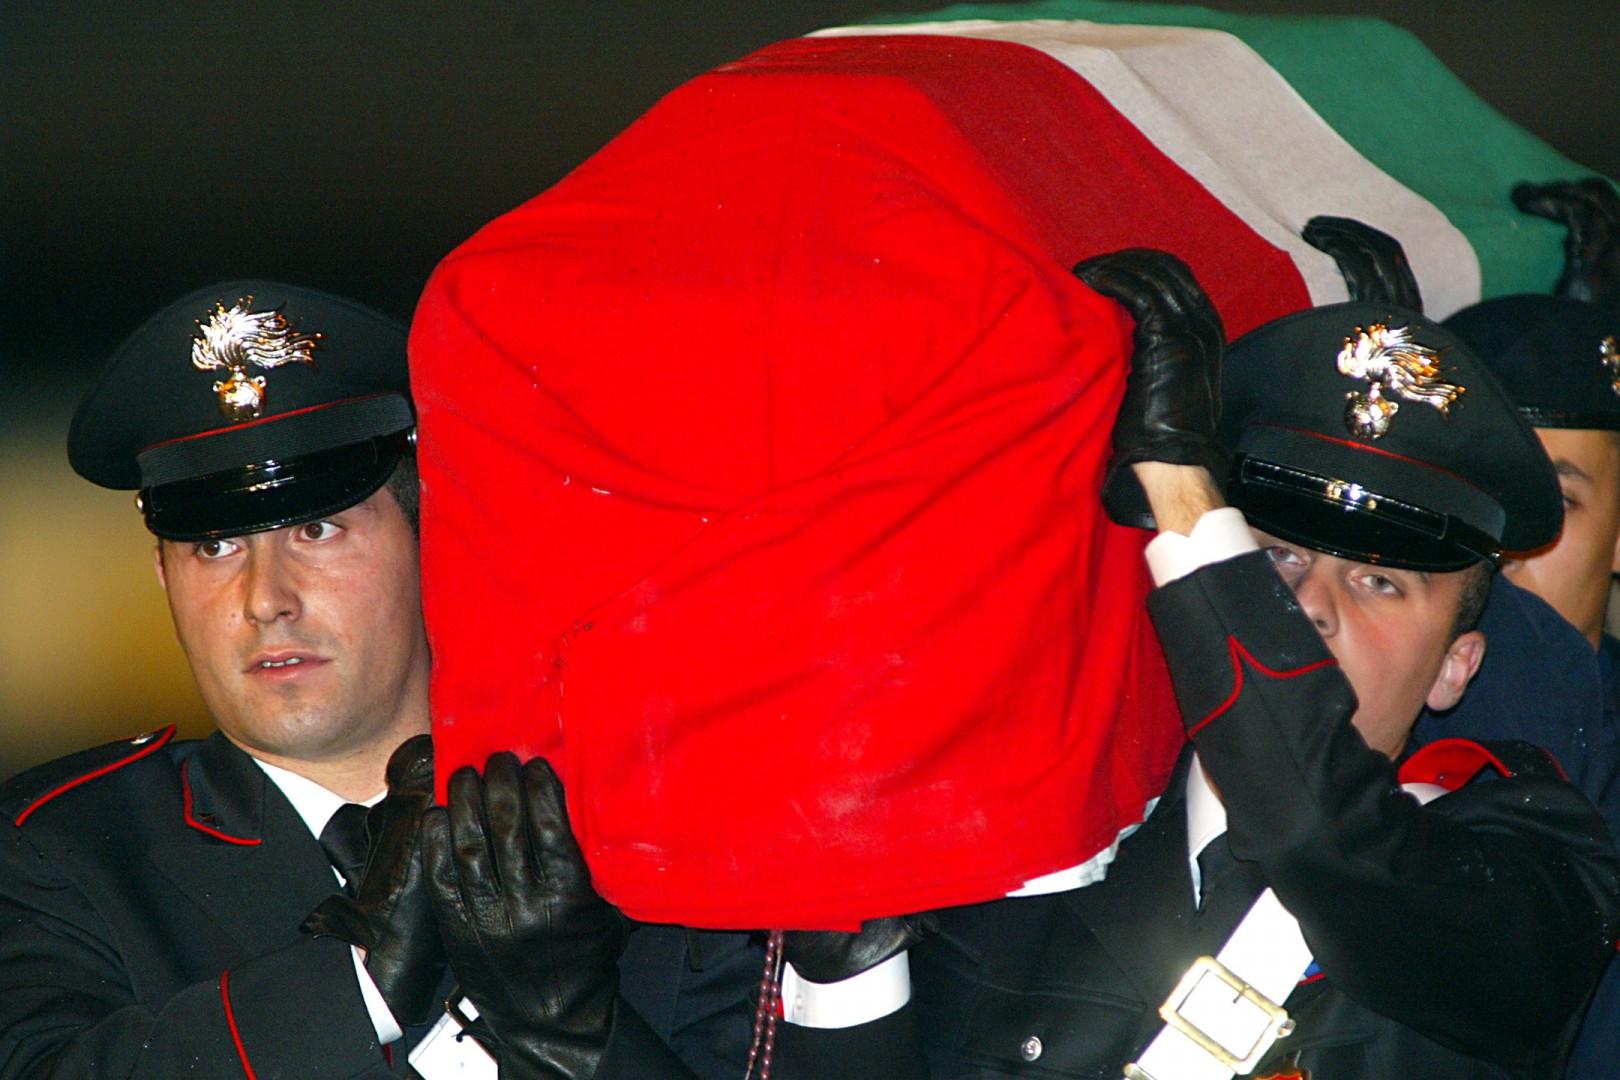 ©ROBERTO MONALDO/LAPRESSE 15-11-2003 ROMA INTERNI AEROPORTO DI CIAMPINO - RIENTRO DELLE SALME DEI MILITARI UCCISI NELL'ATTENTATO DI NASSIRIYAH IN IRAQ NELLA FOTO IL DOLORE DEI PARENTI